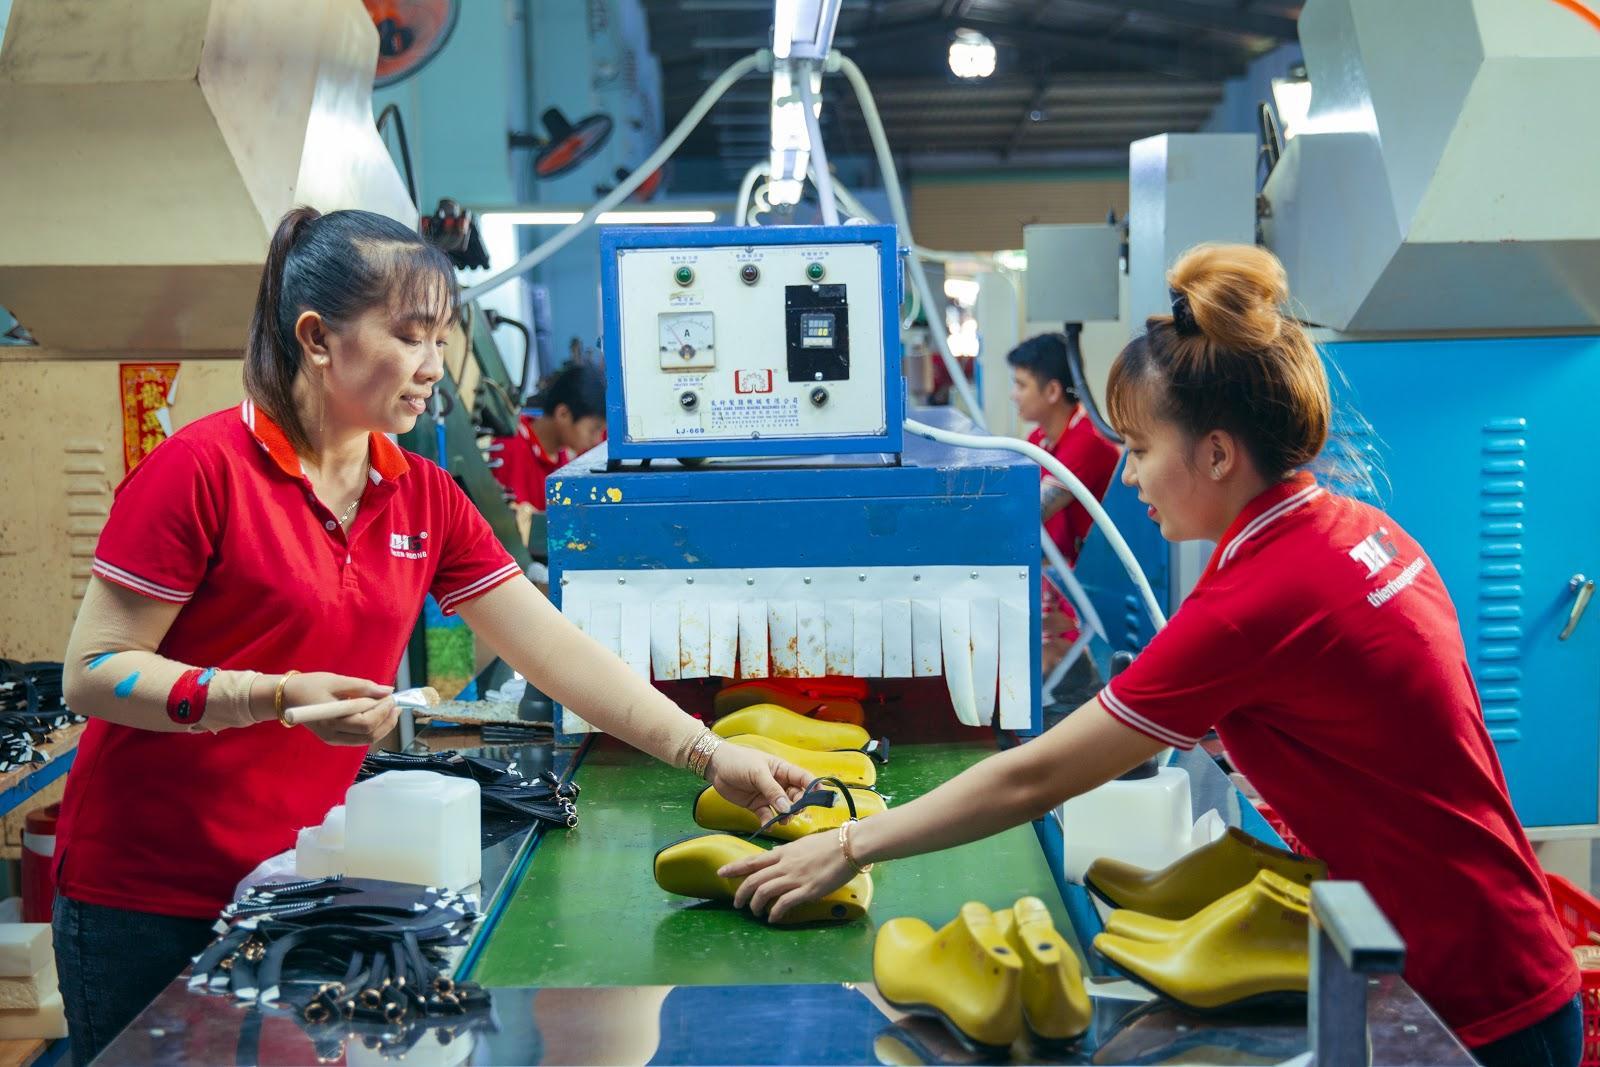 Thiên Hương – Công ty mang niềm đam mê giày dép đến gần với mọi người